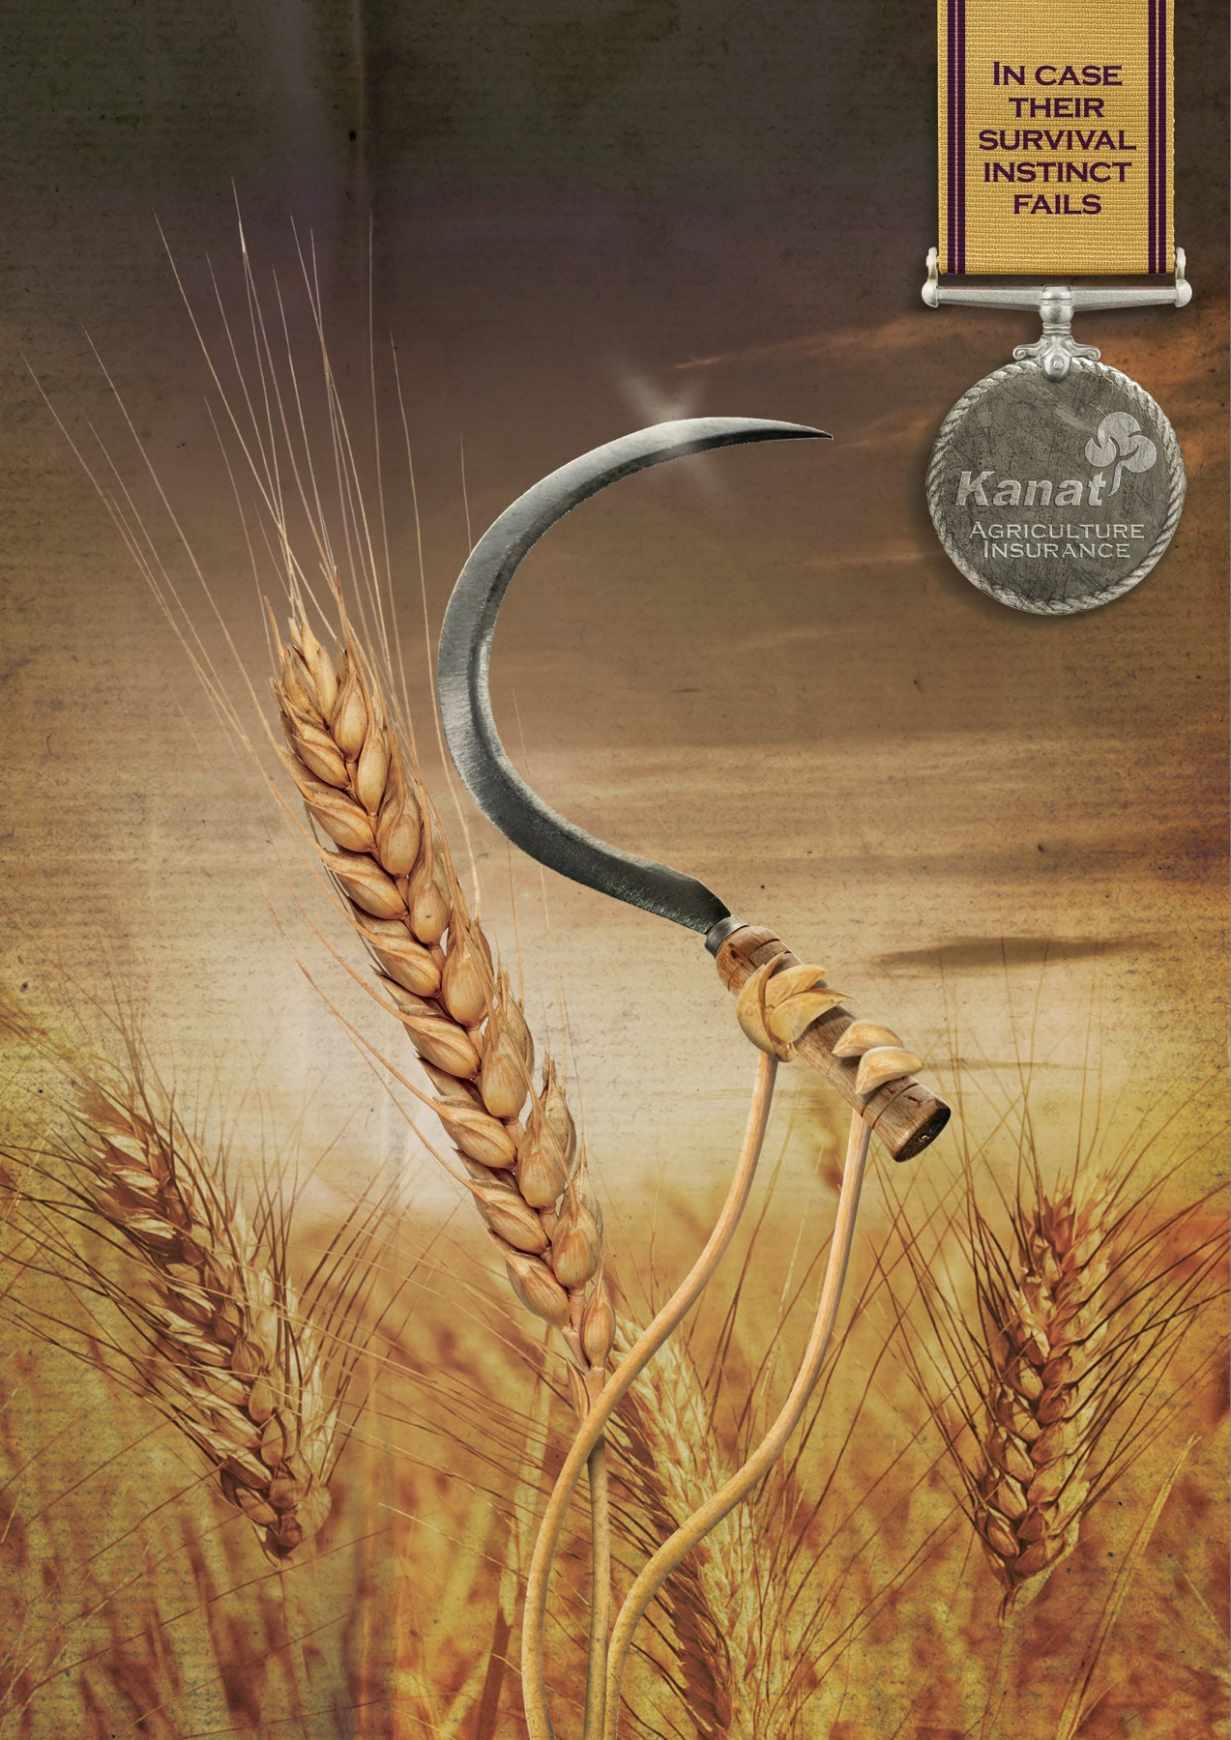 Kanat 农业保险平面创意广告设计小麦篇-上海尚略广告设计公司平面广告分享